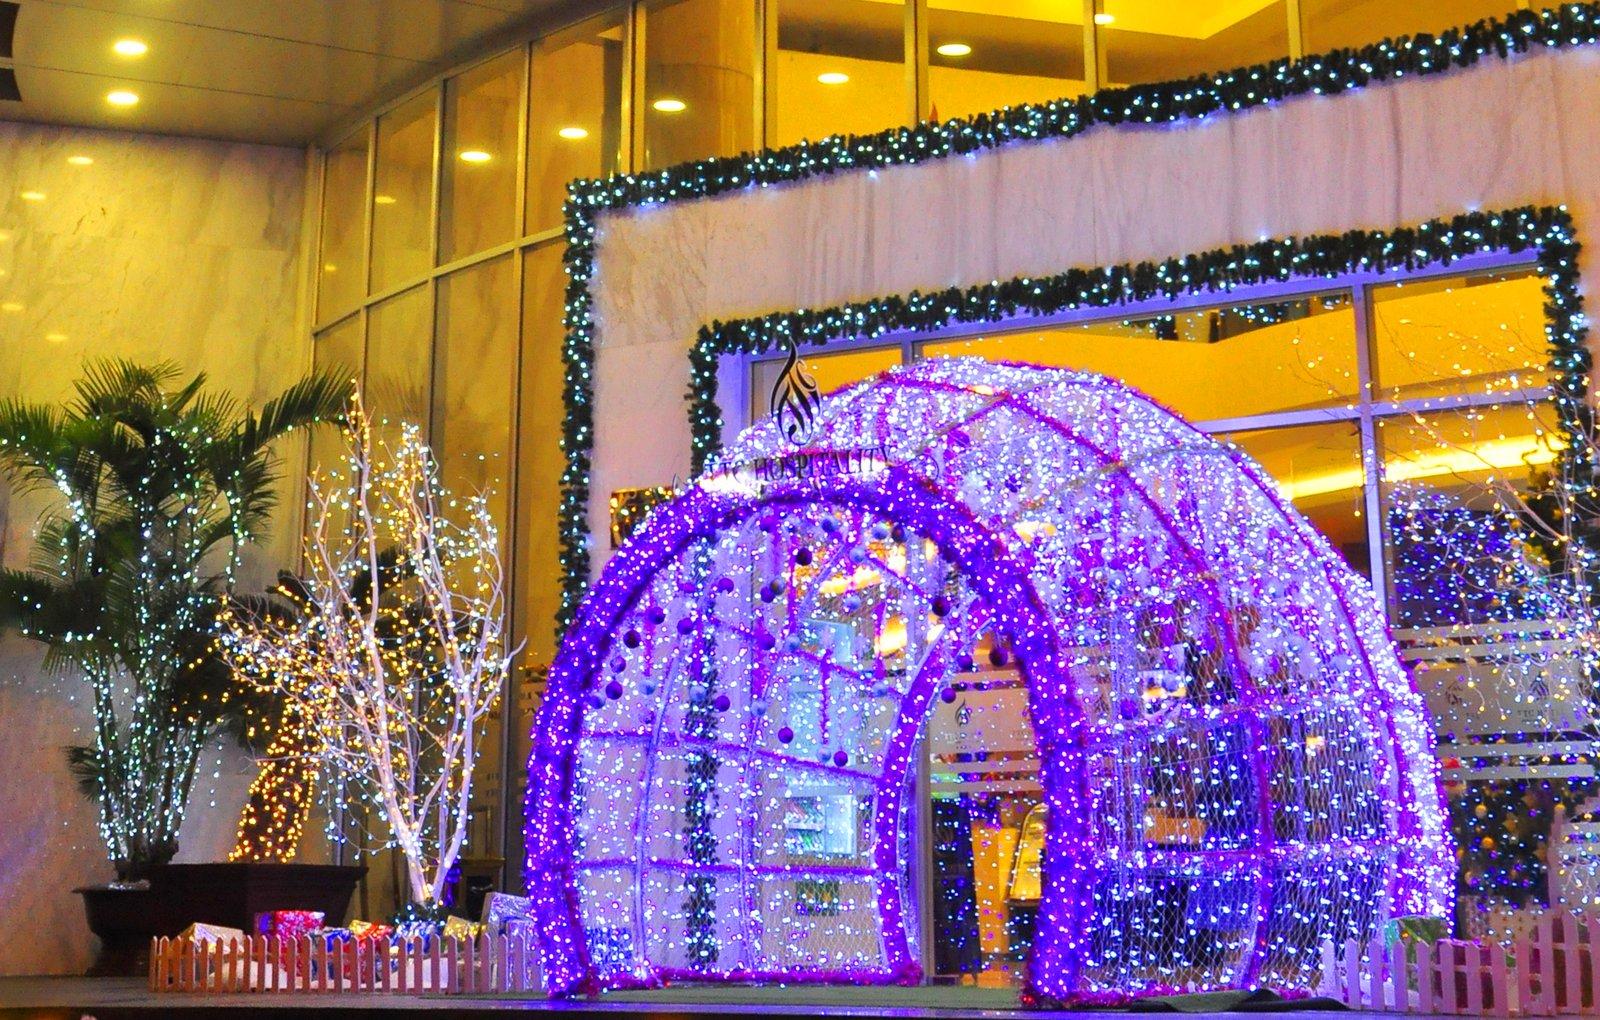 images5349601_1_6 Khách sạn TTC Premium - Michelia tổ chức tiệc buffet chào đón Giáng sinh Chưa được phân loại